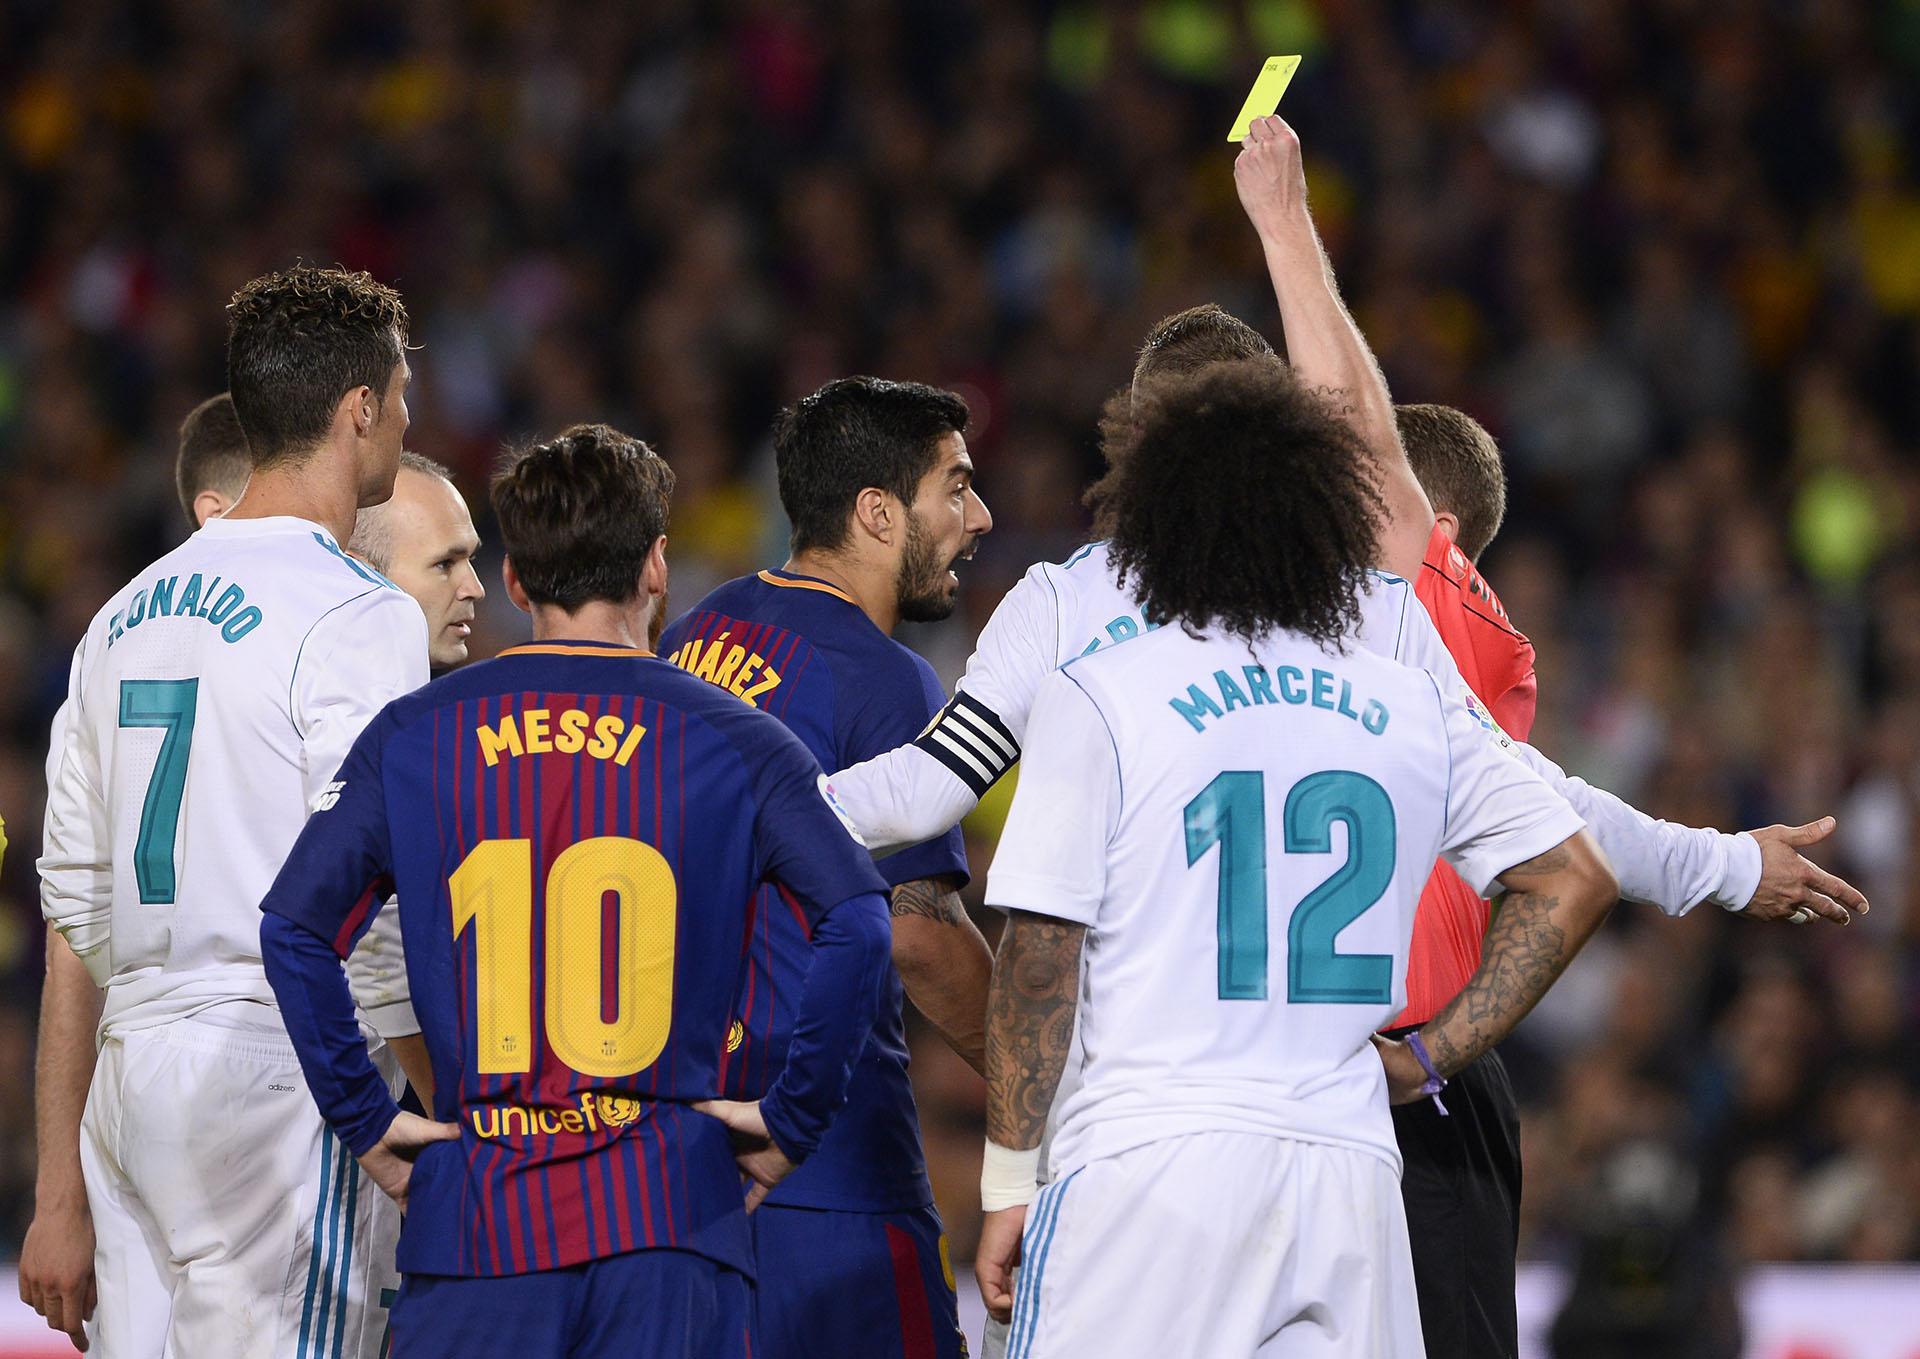 Suárez mantuvo varias discusiones durante el partido (AFP)